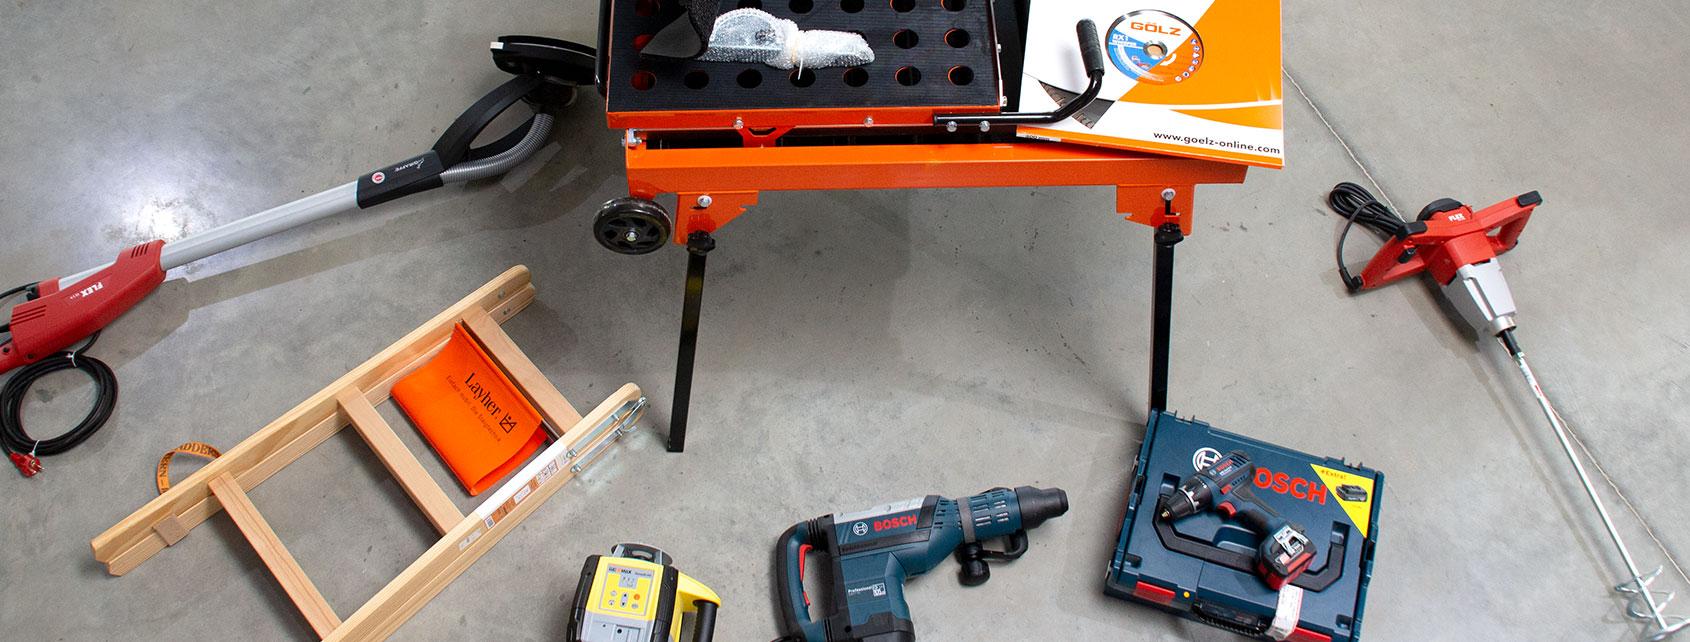 Profi Shop - Ausstattung für Handwerker